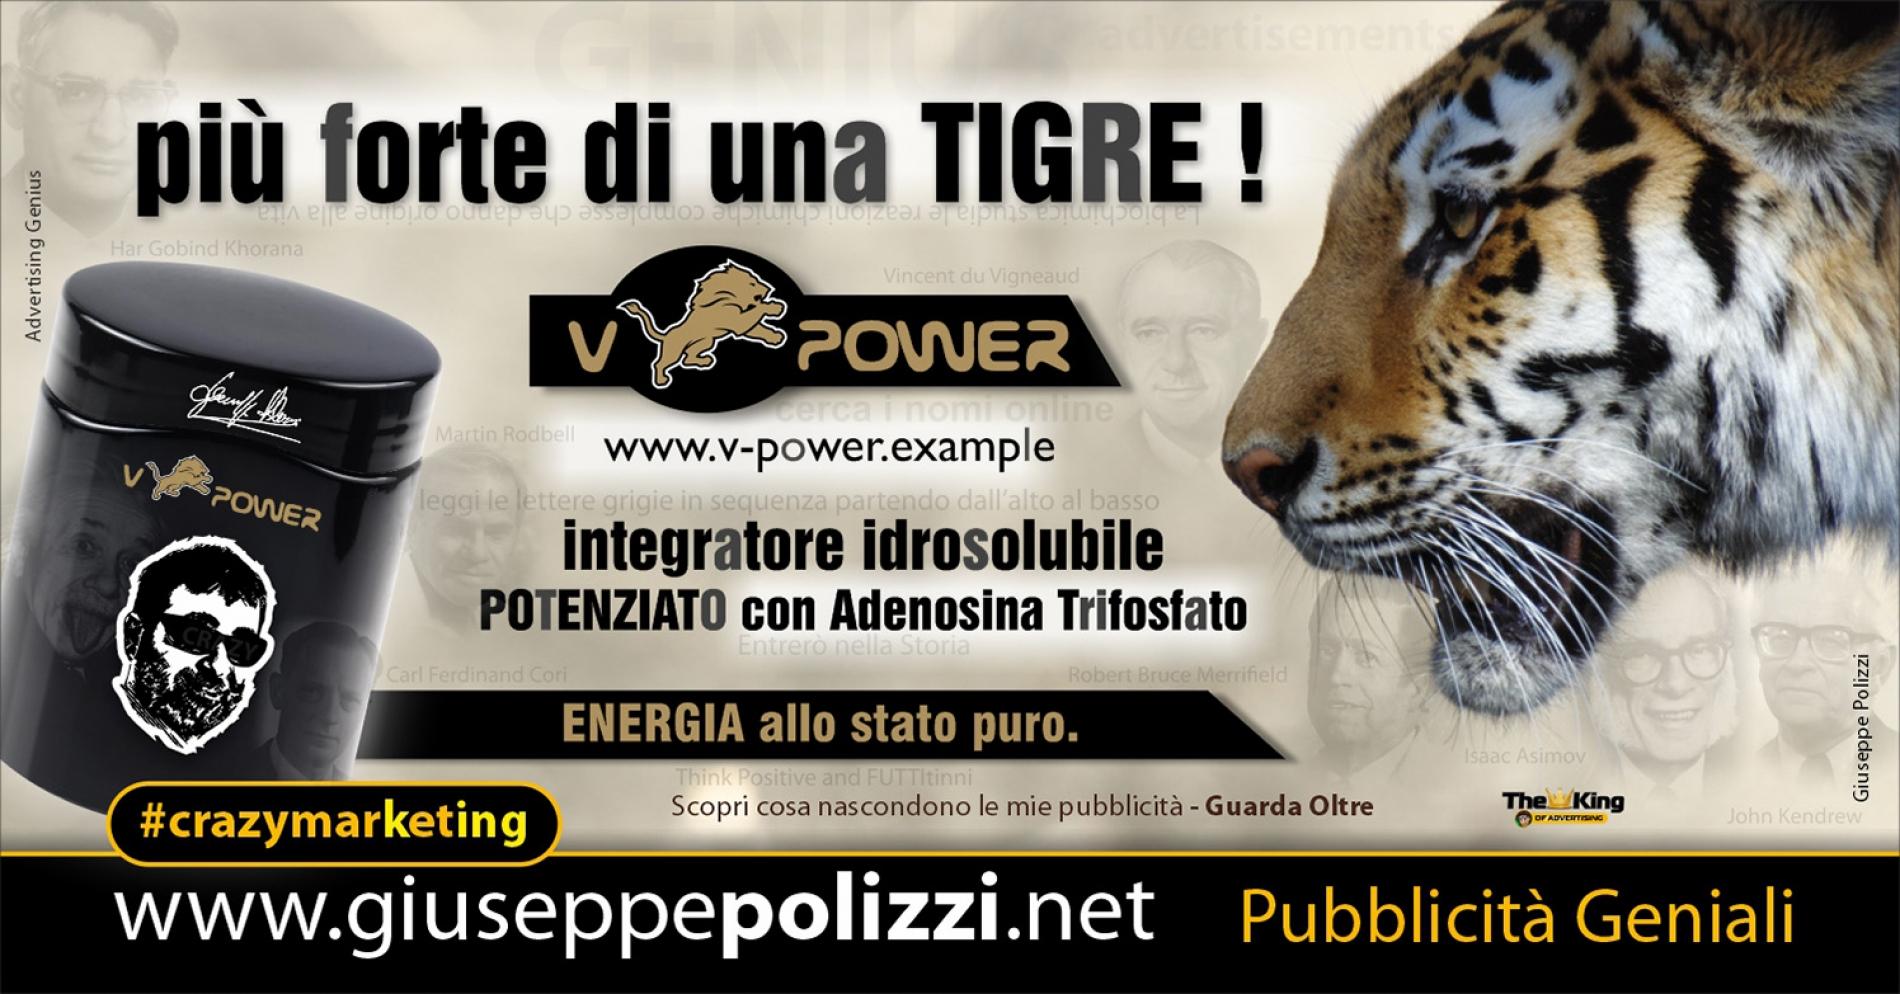 Giuseppe Polizzi Crazymarketing Più forte di una Tigre pubblicità geniali